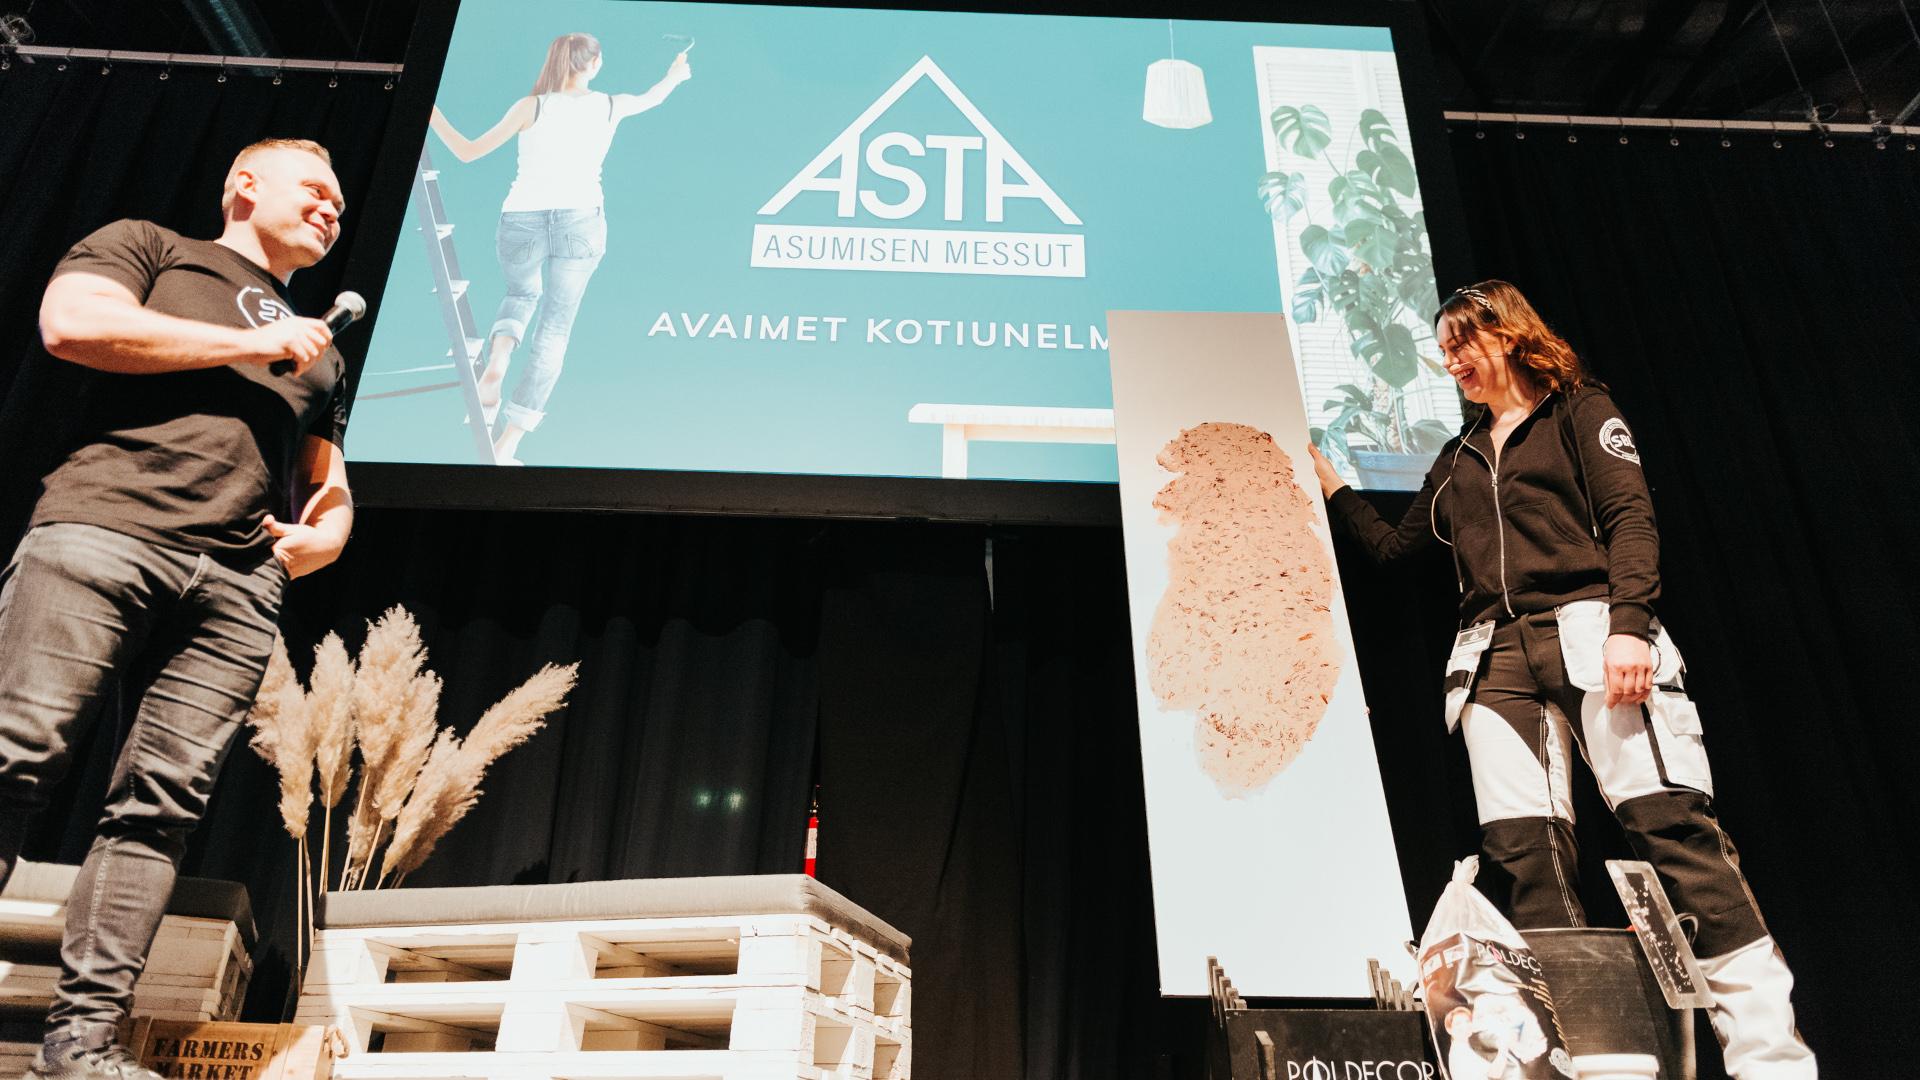 Kuva: Jyri Kivimäki